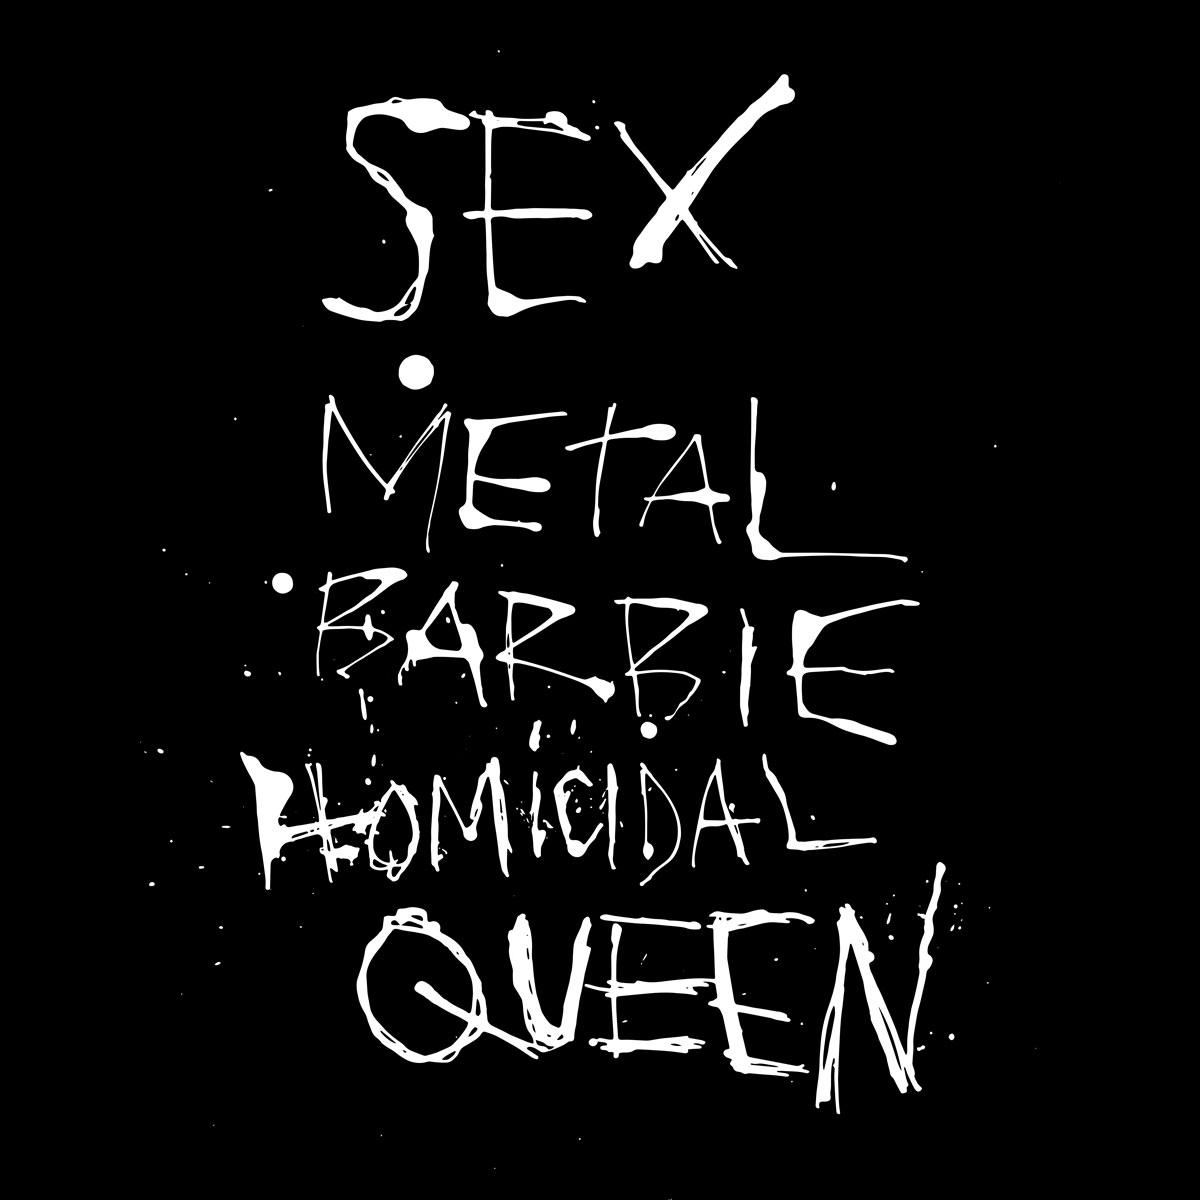 Metal arte sex